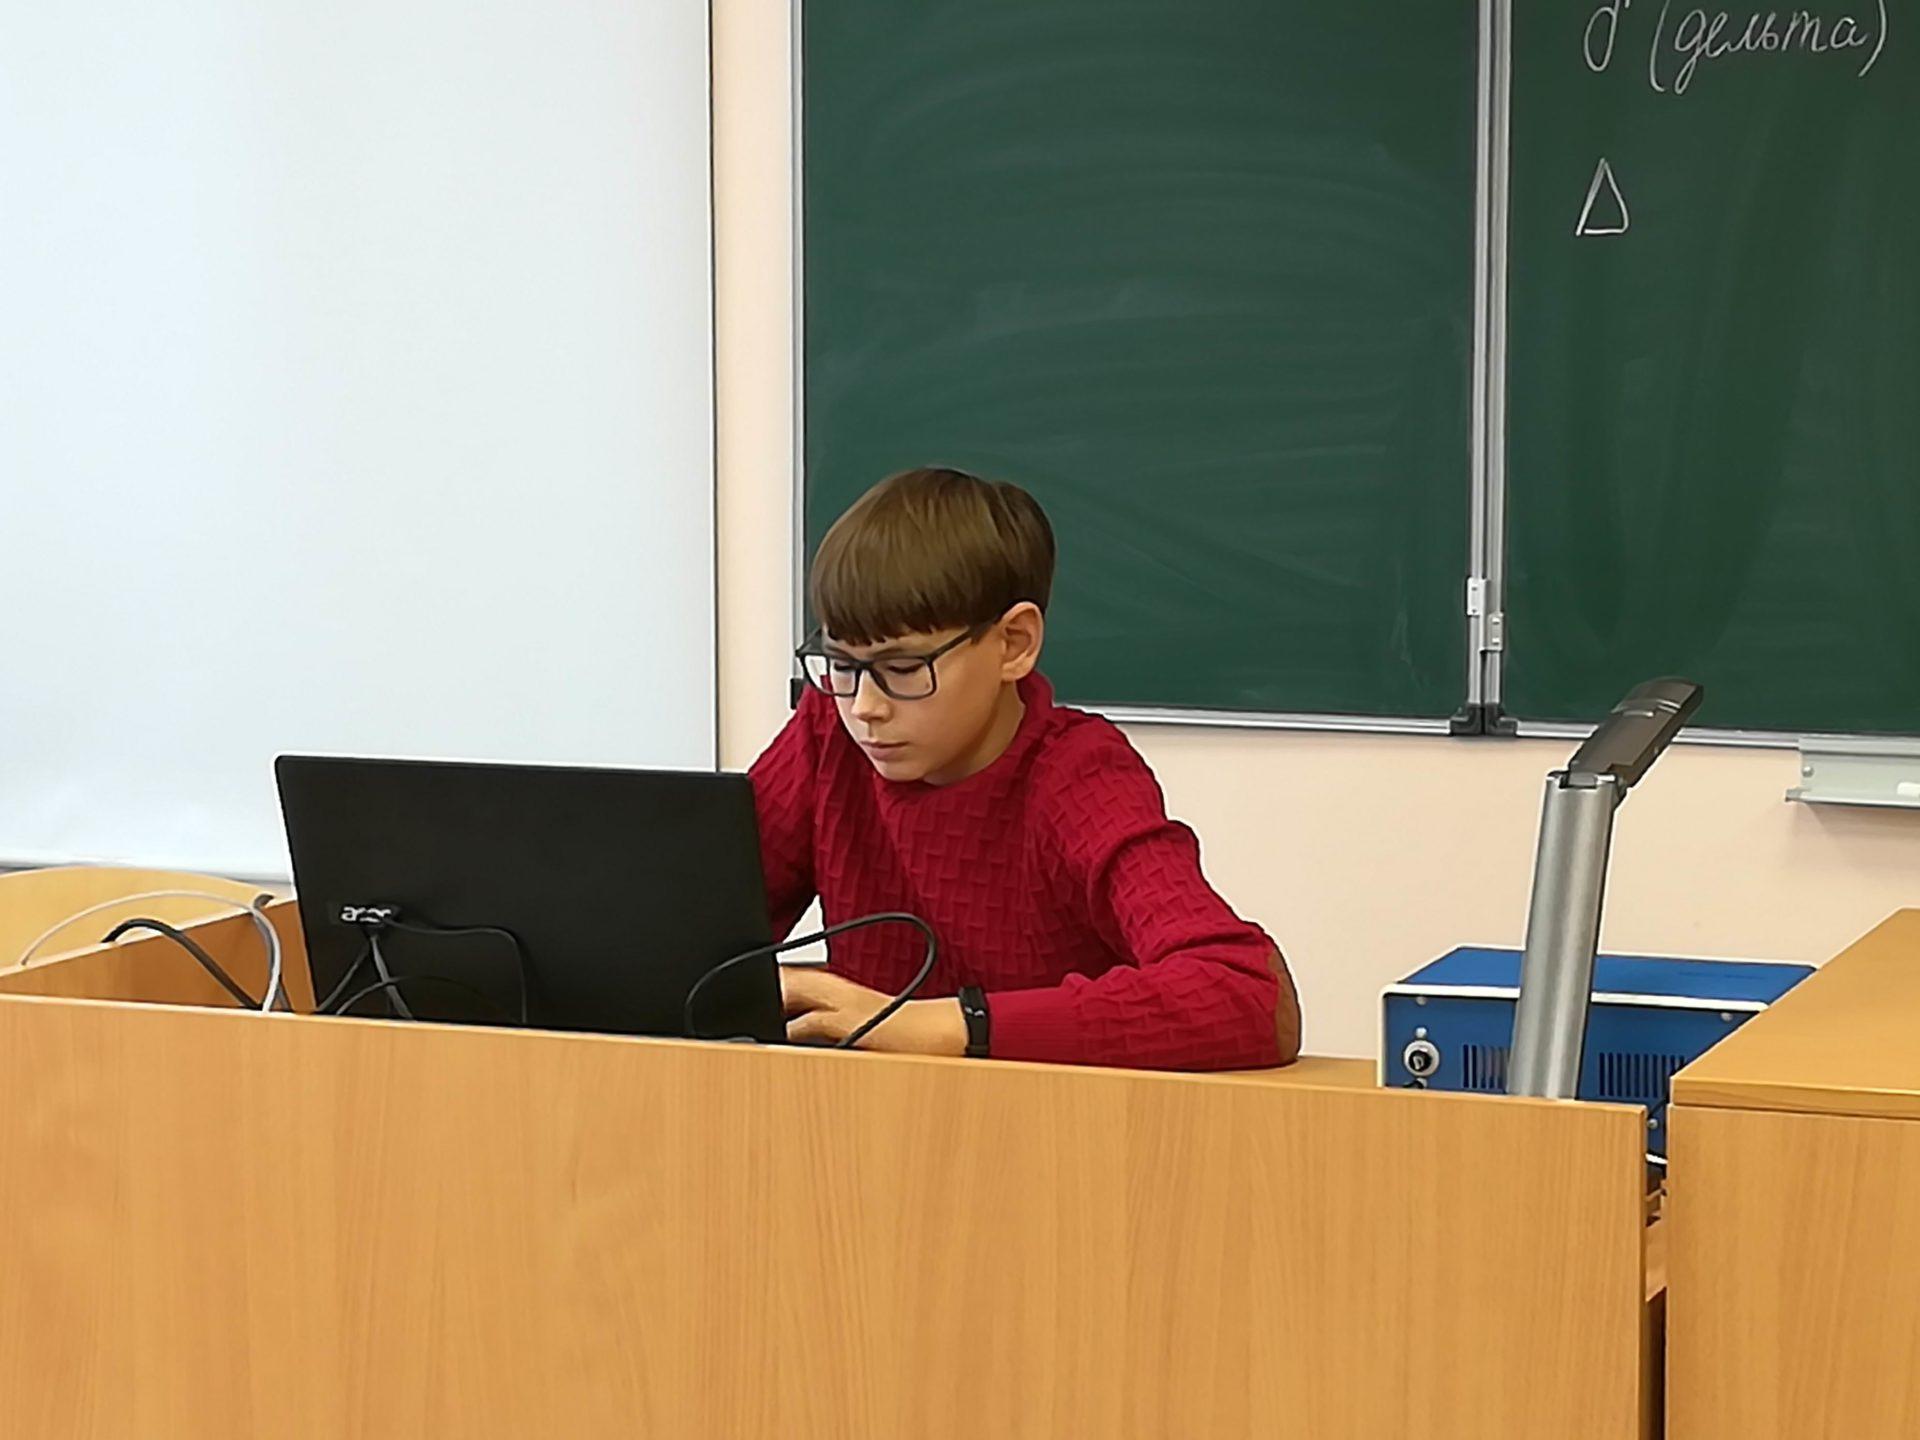 Кабмин России утвердил правила выплат по десять тысяч рублей на ребенка к началу учебного года